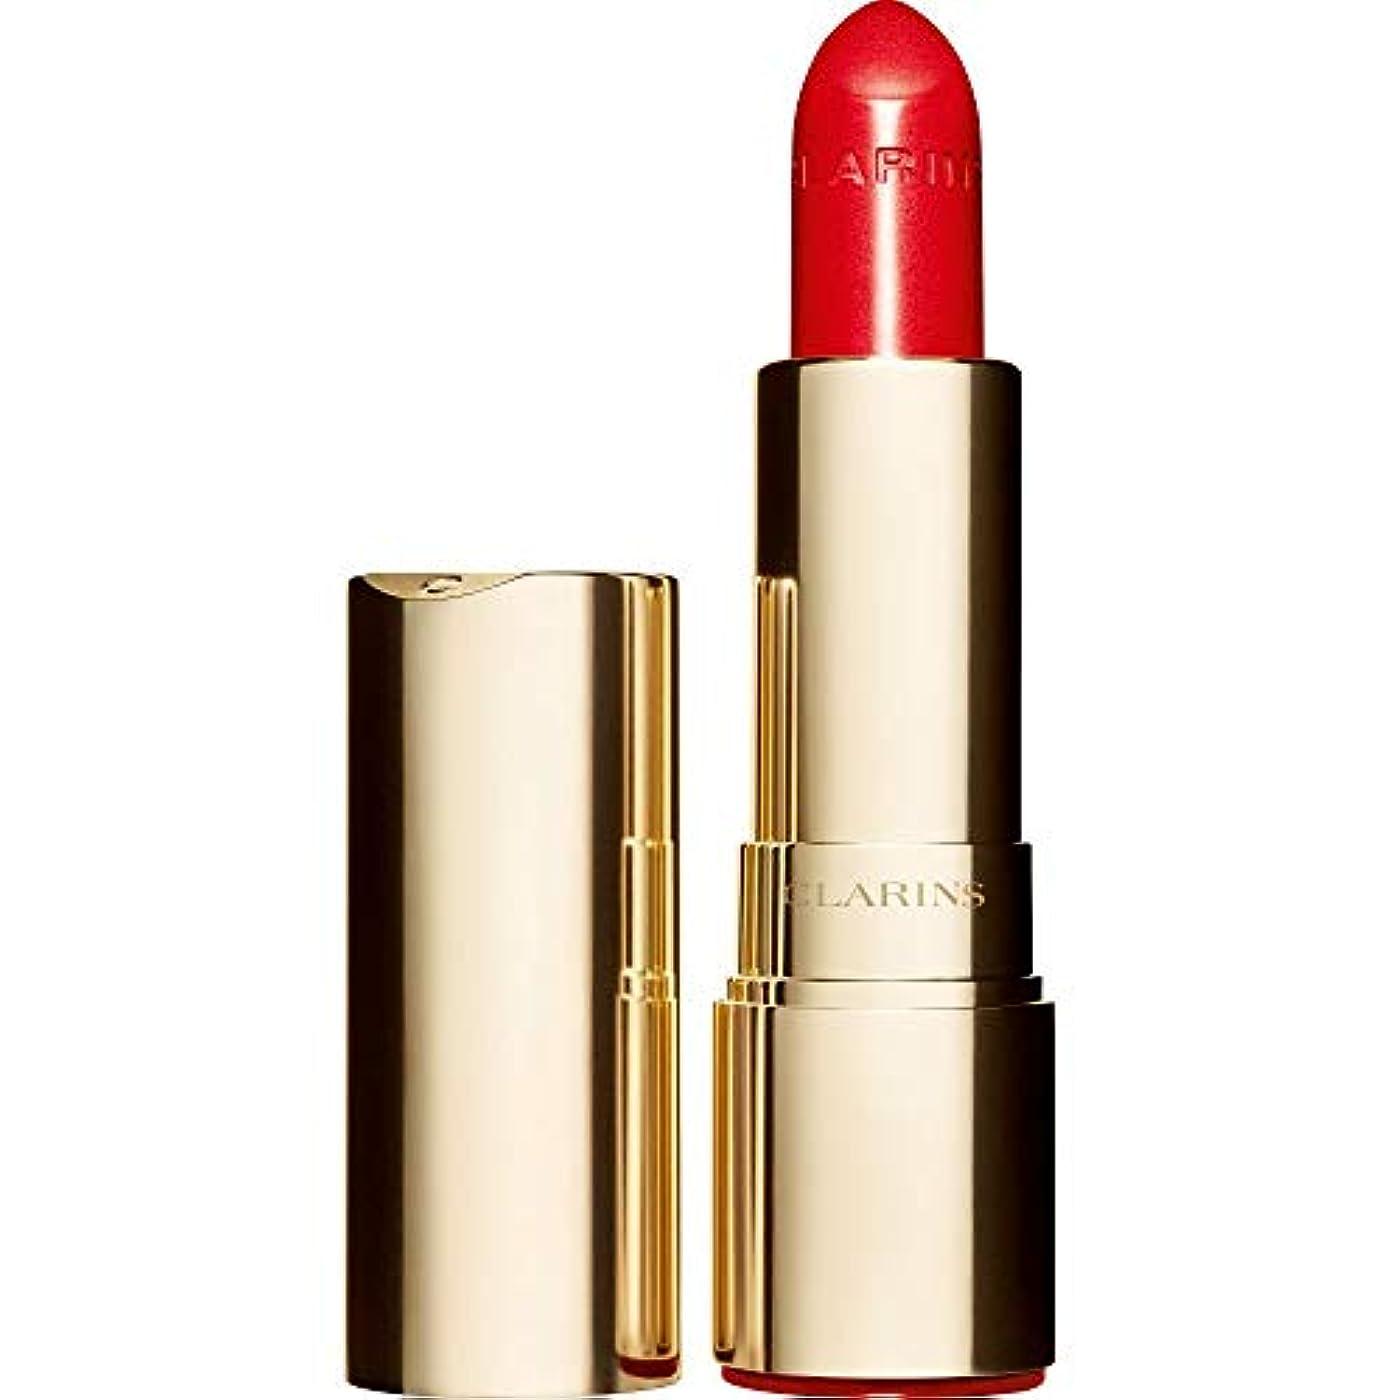 通貨余計な限界[Clarins] クラランスジョリルージュブリリアント口紅3.5グラムの741S - 赤、オレンジ - Clarins Joli Rouge Brillant Lipstick 3.5g 741S - Red Orange...